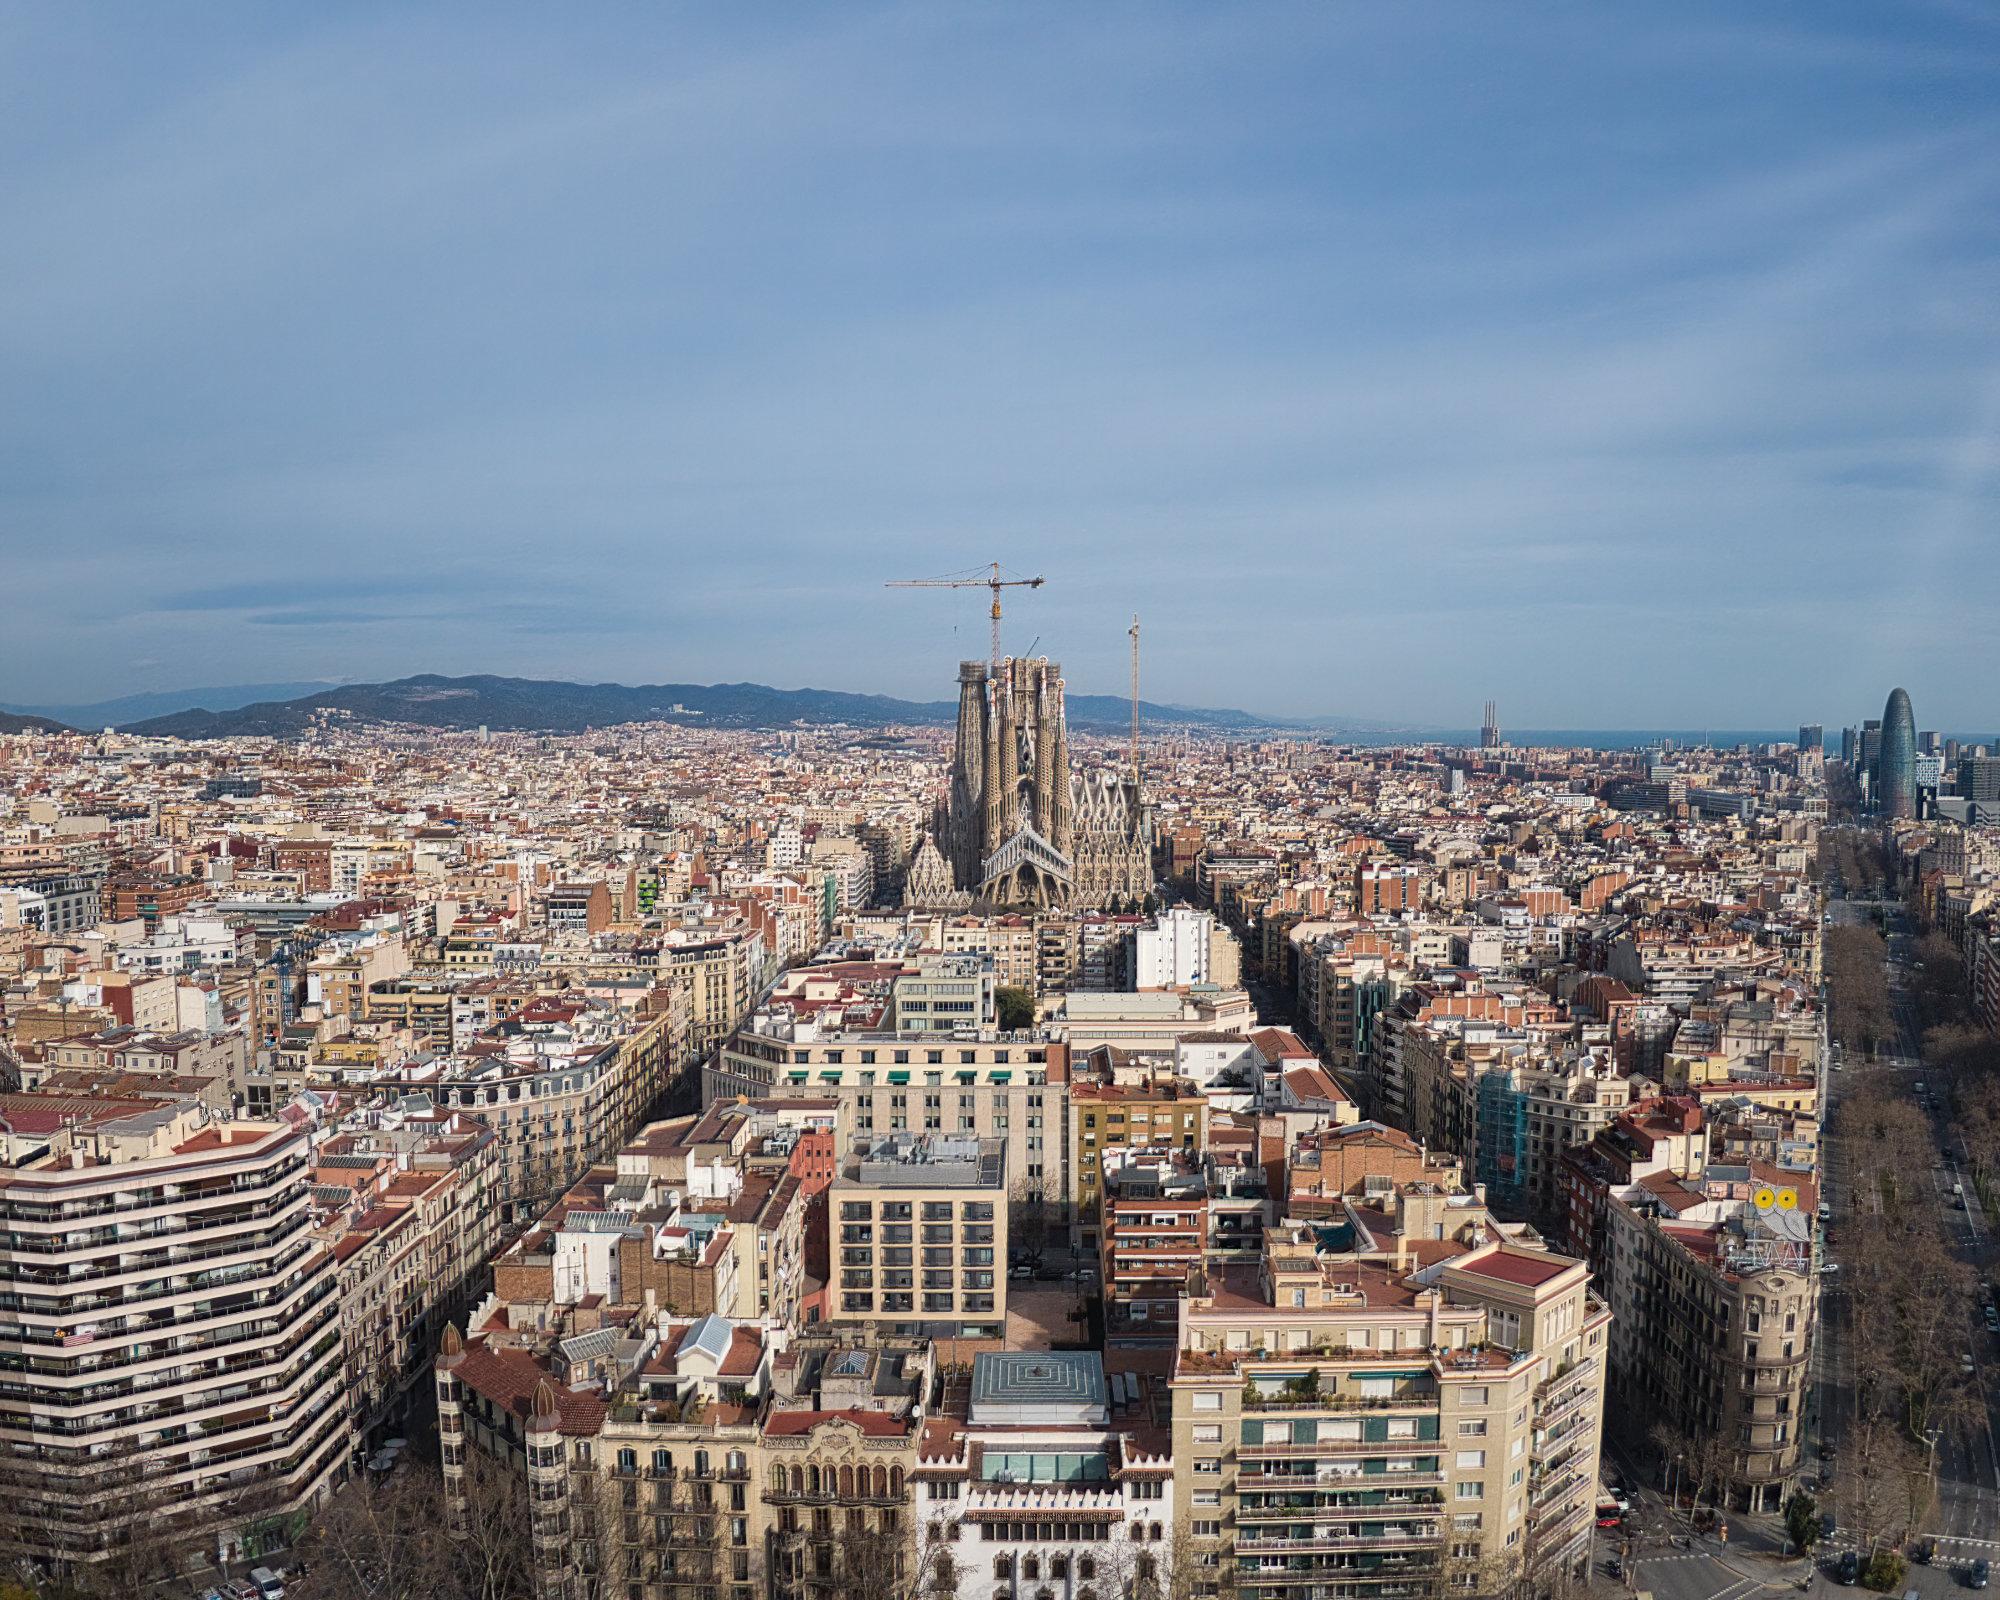 La Sagrada Familia from the sky in Barcelona, Spain.